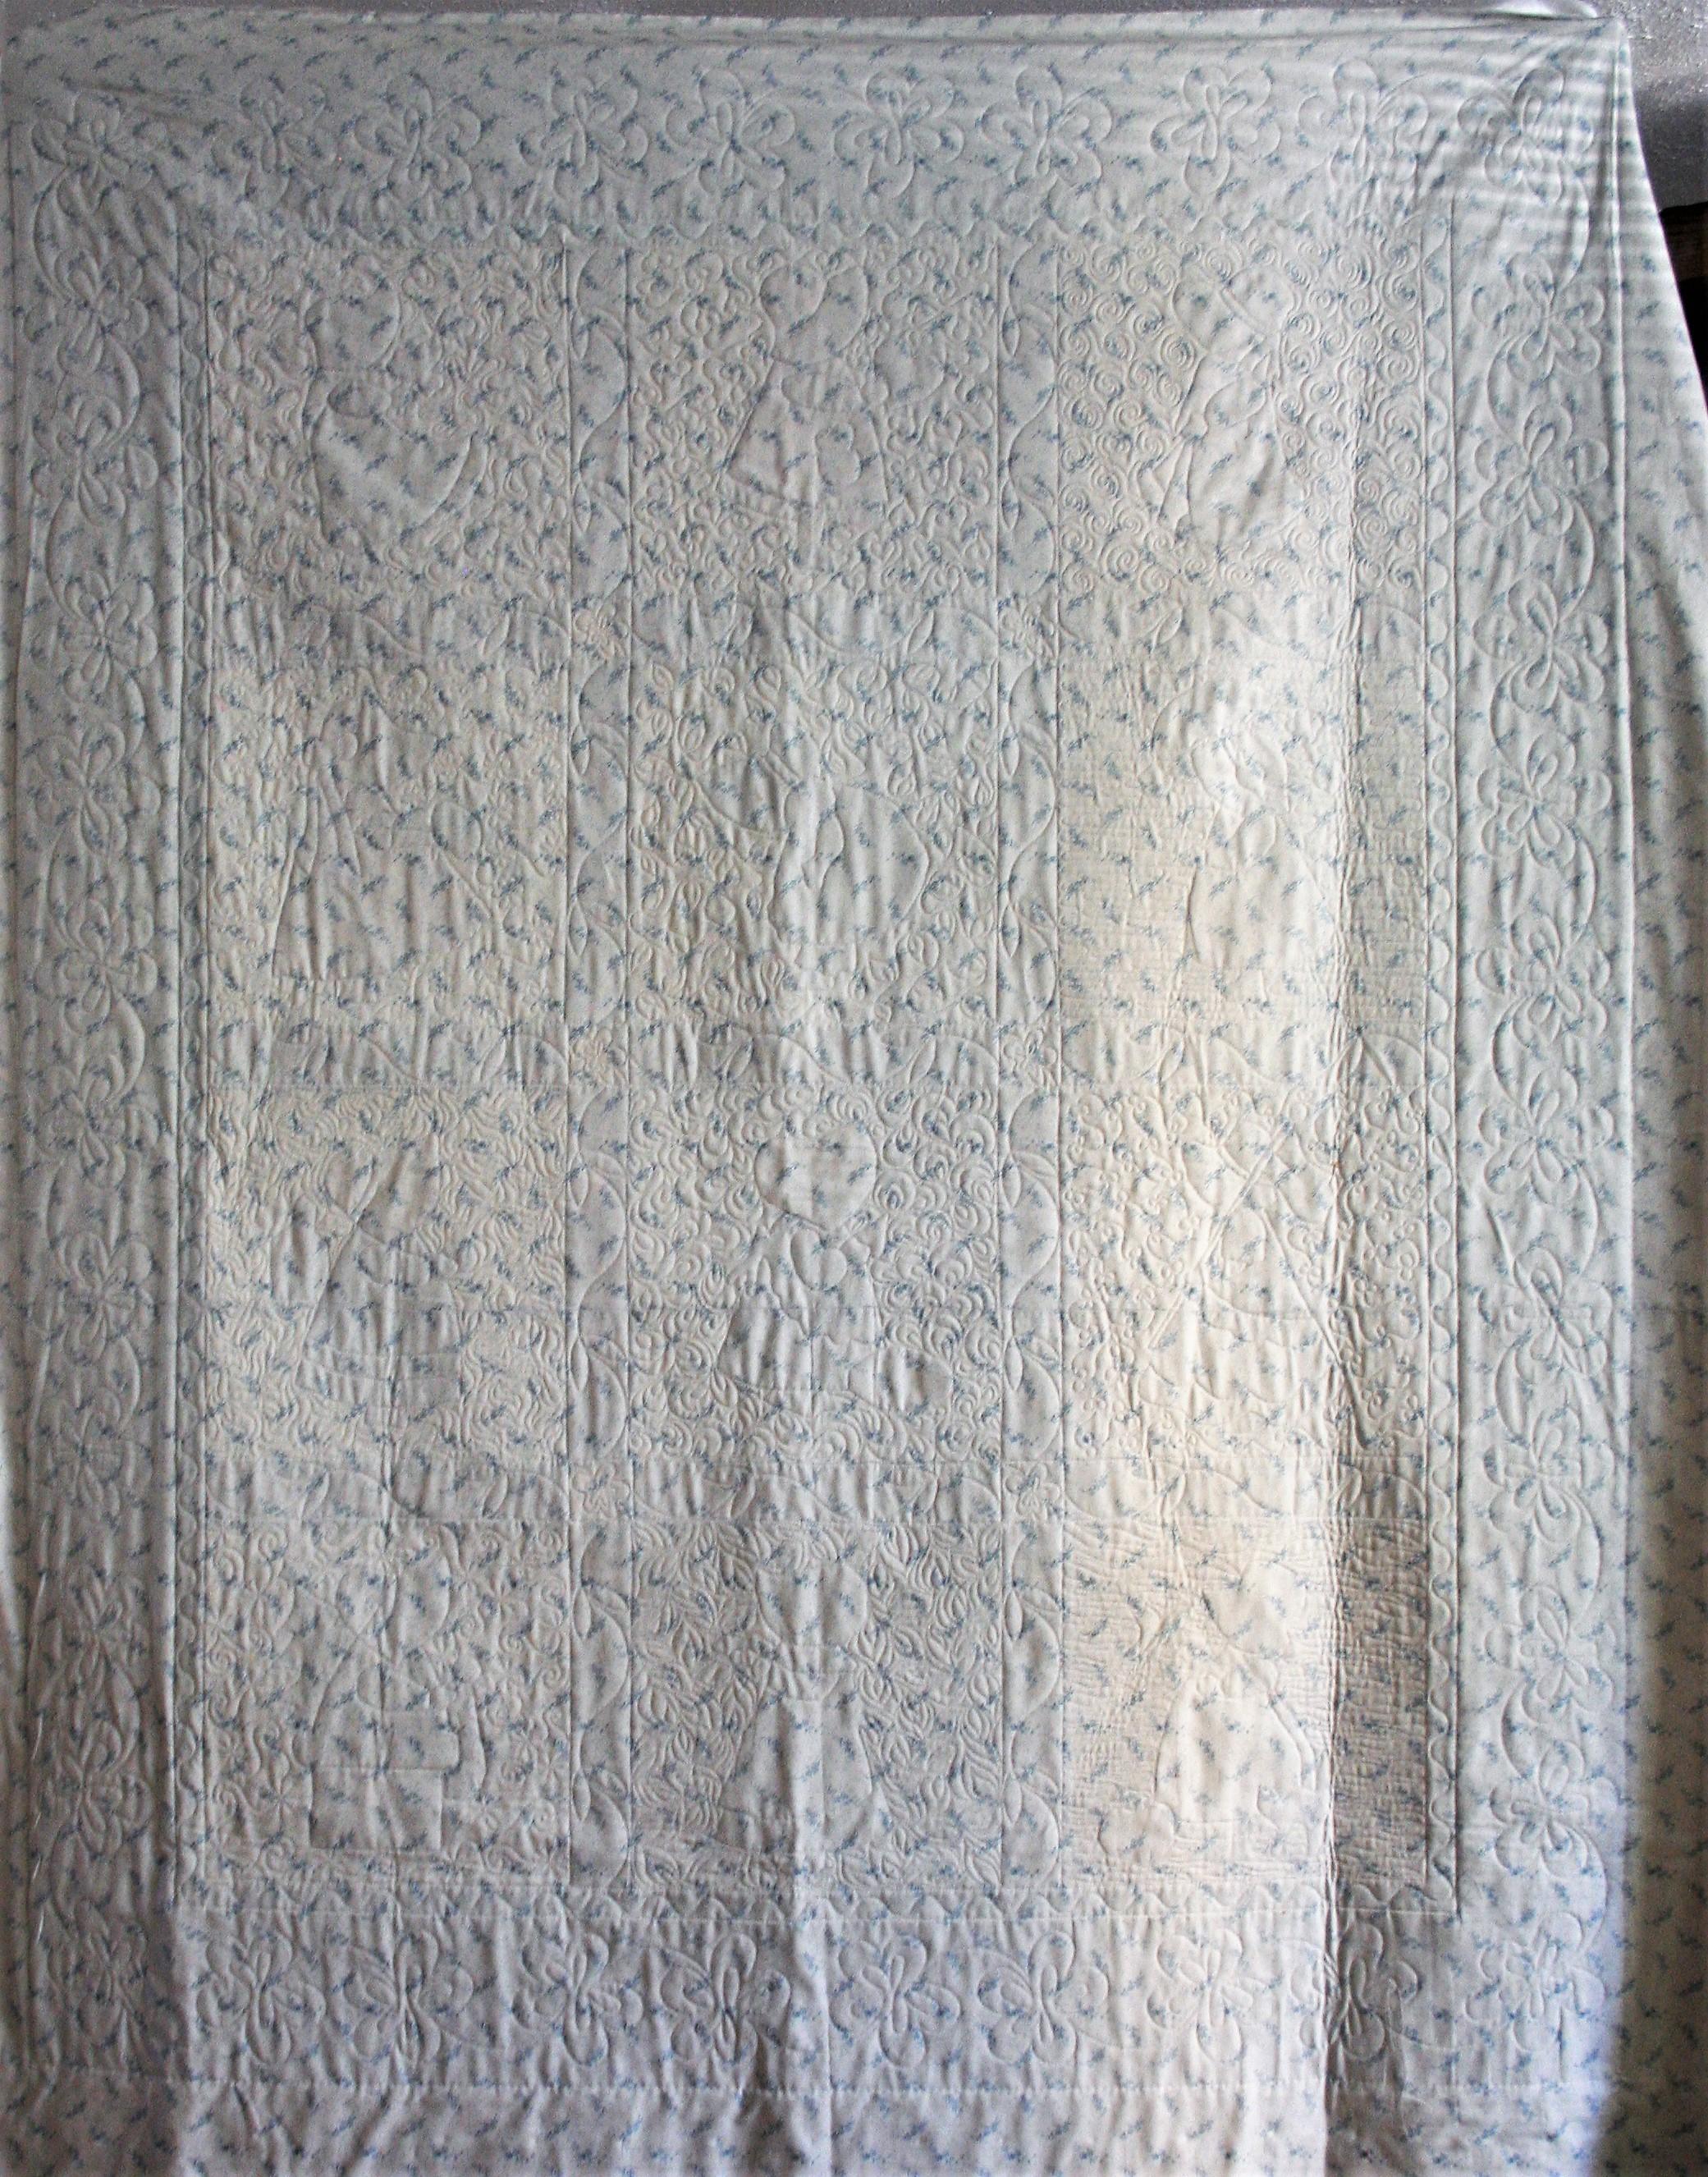 Applique Sunbonnet Sue (back)